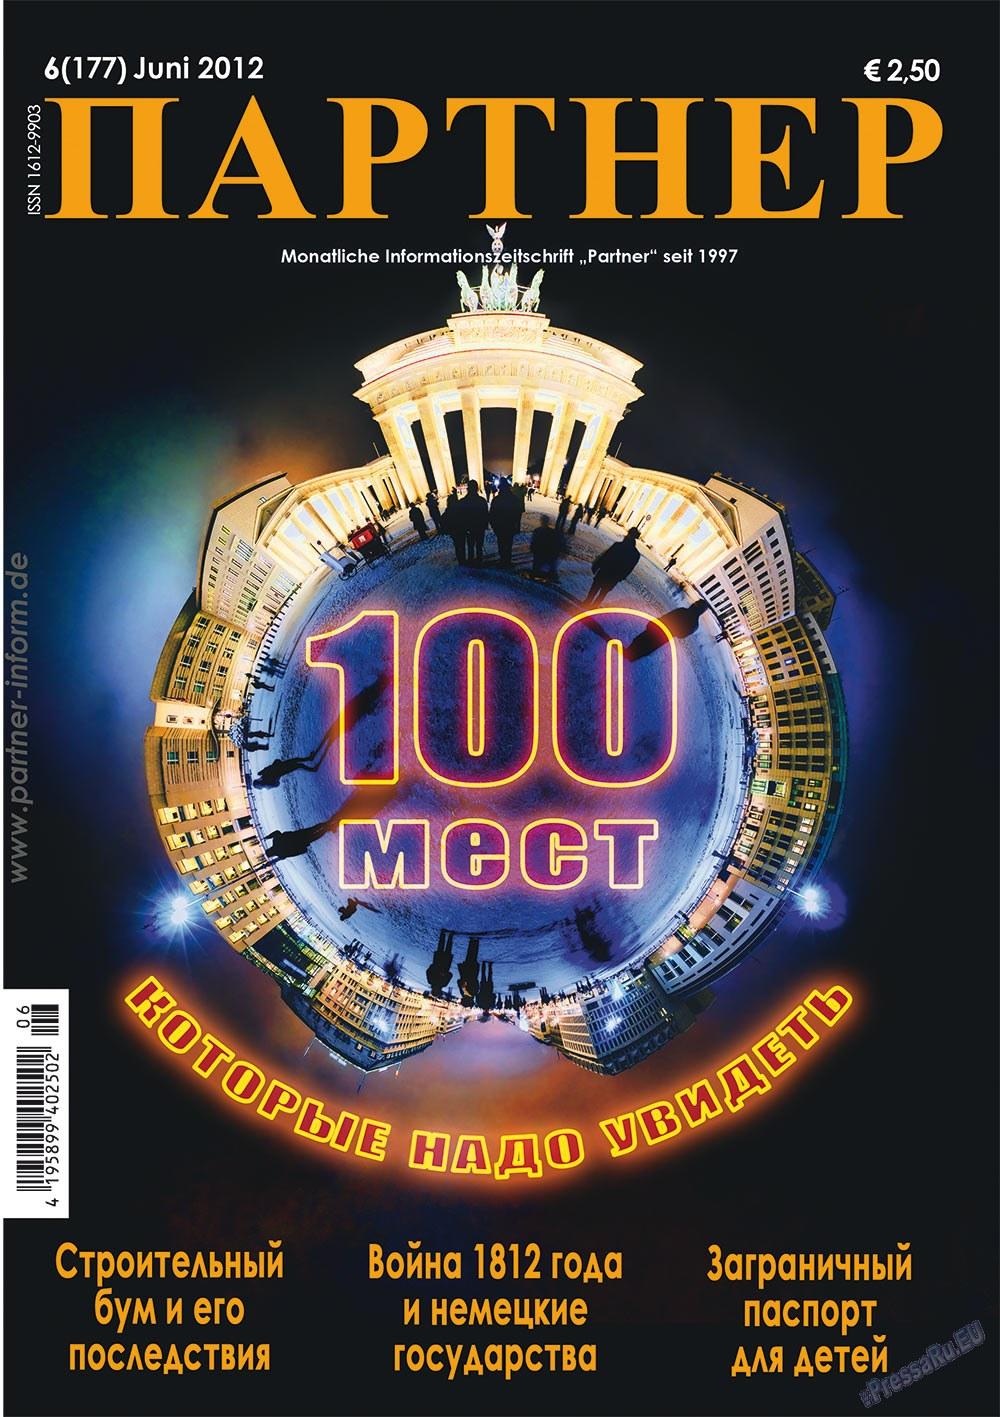 Партнер (журнал). 2012 год, номер 6, стр. 1